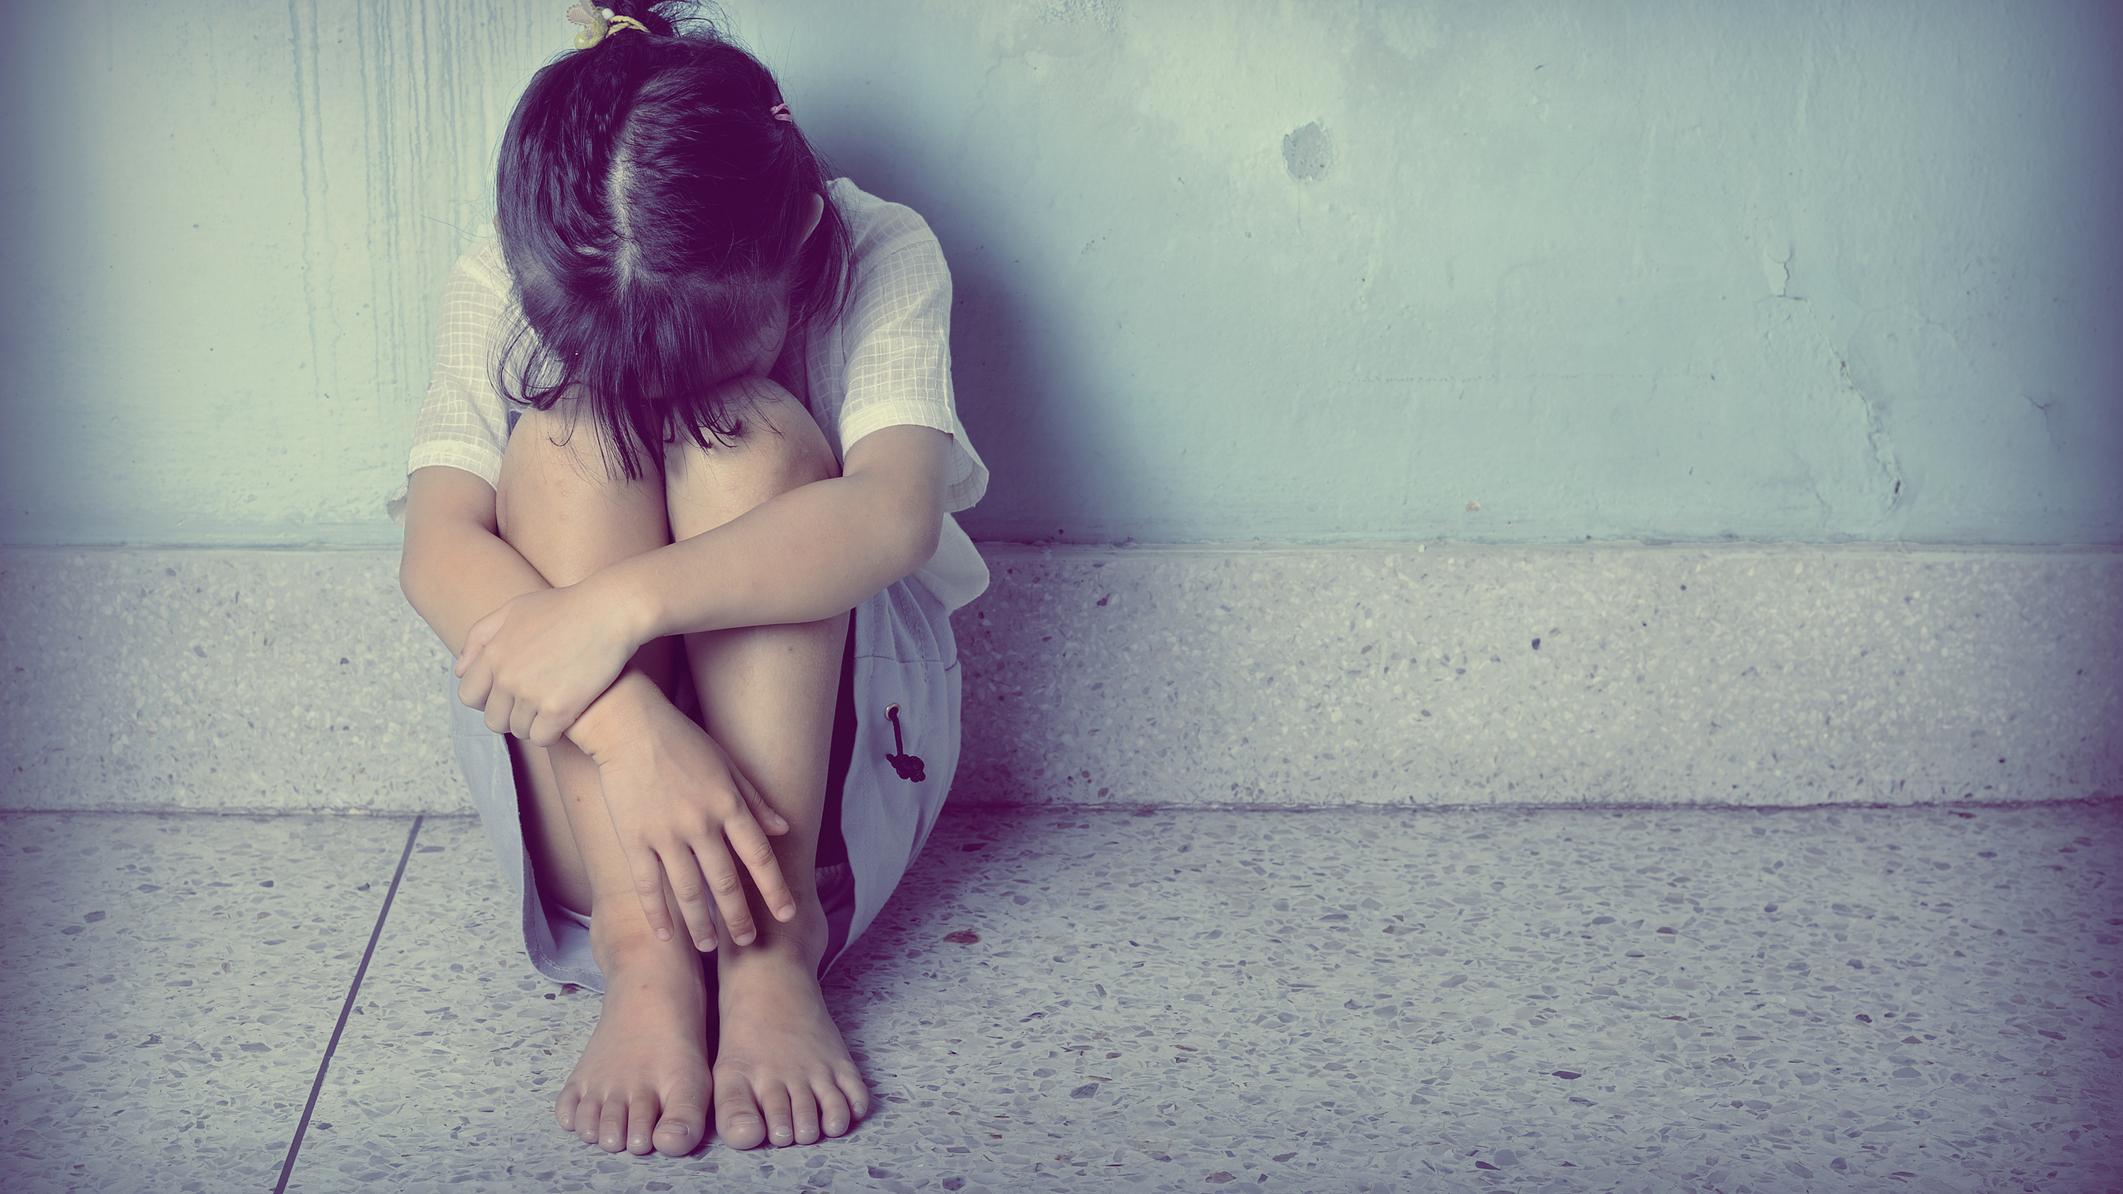 Molestowanie dzieci. Zniknął materiał dowodowy